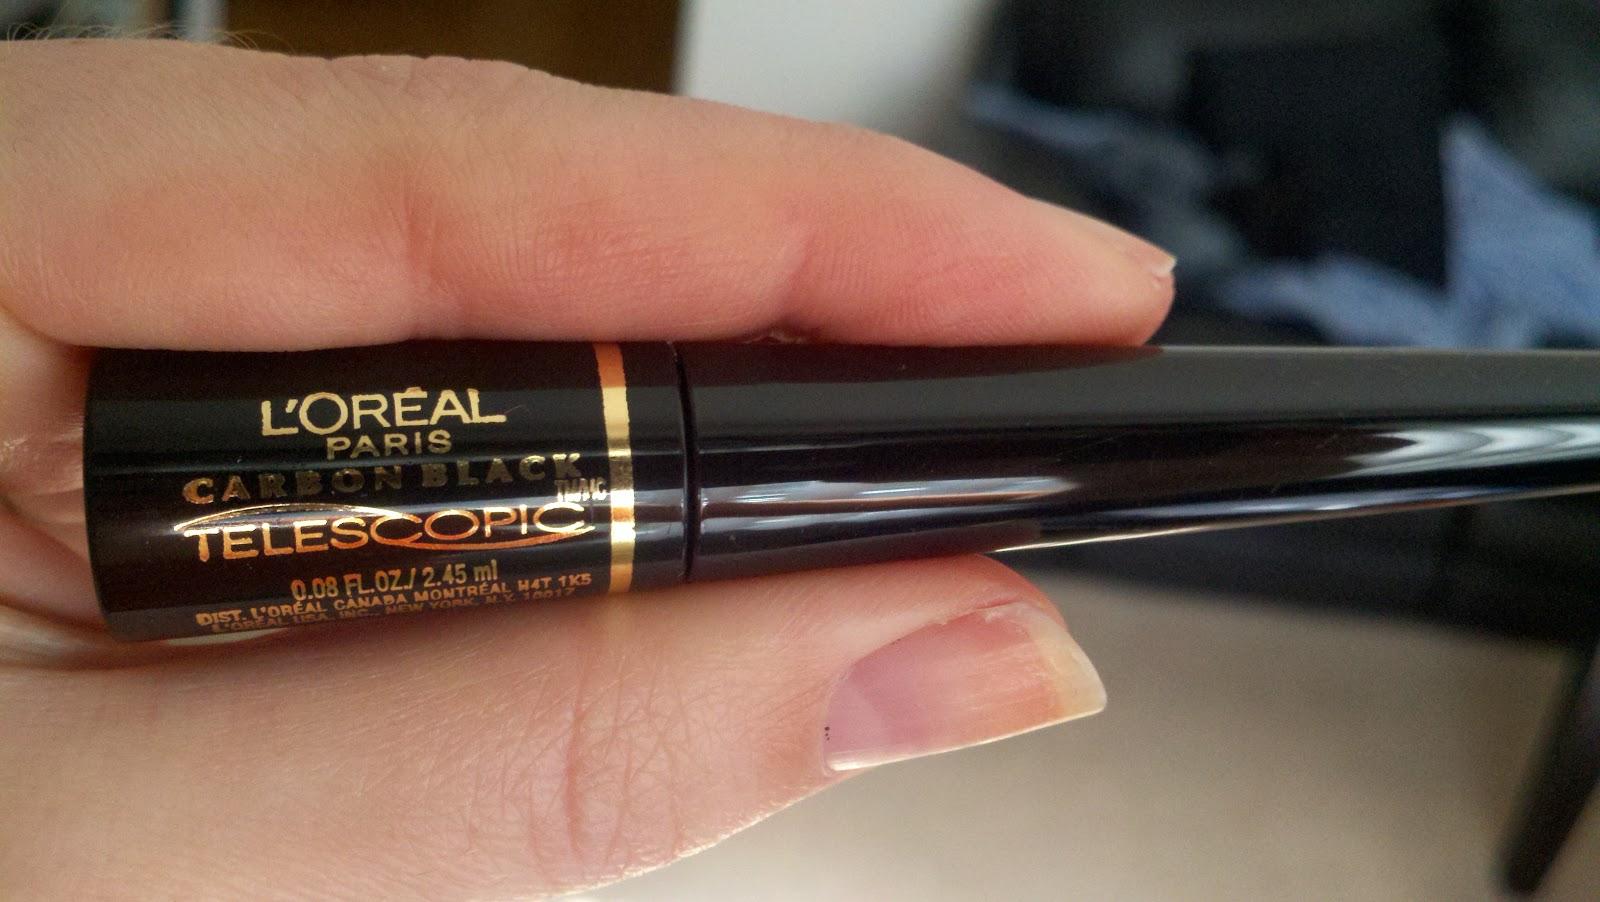 Beauty Vigilante: REVIEW: L'oreal Carbon Black Telescopic Liquid ...